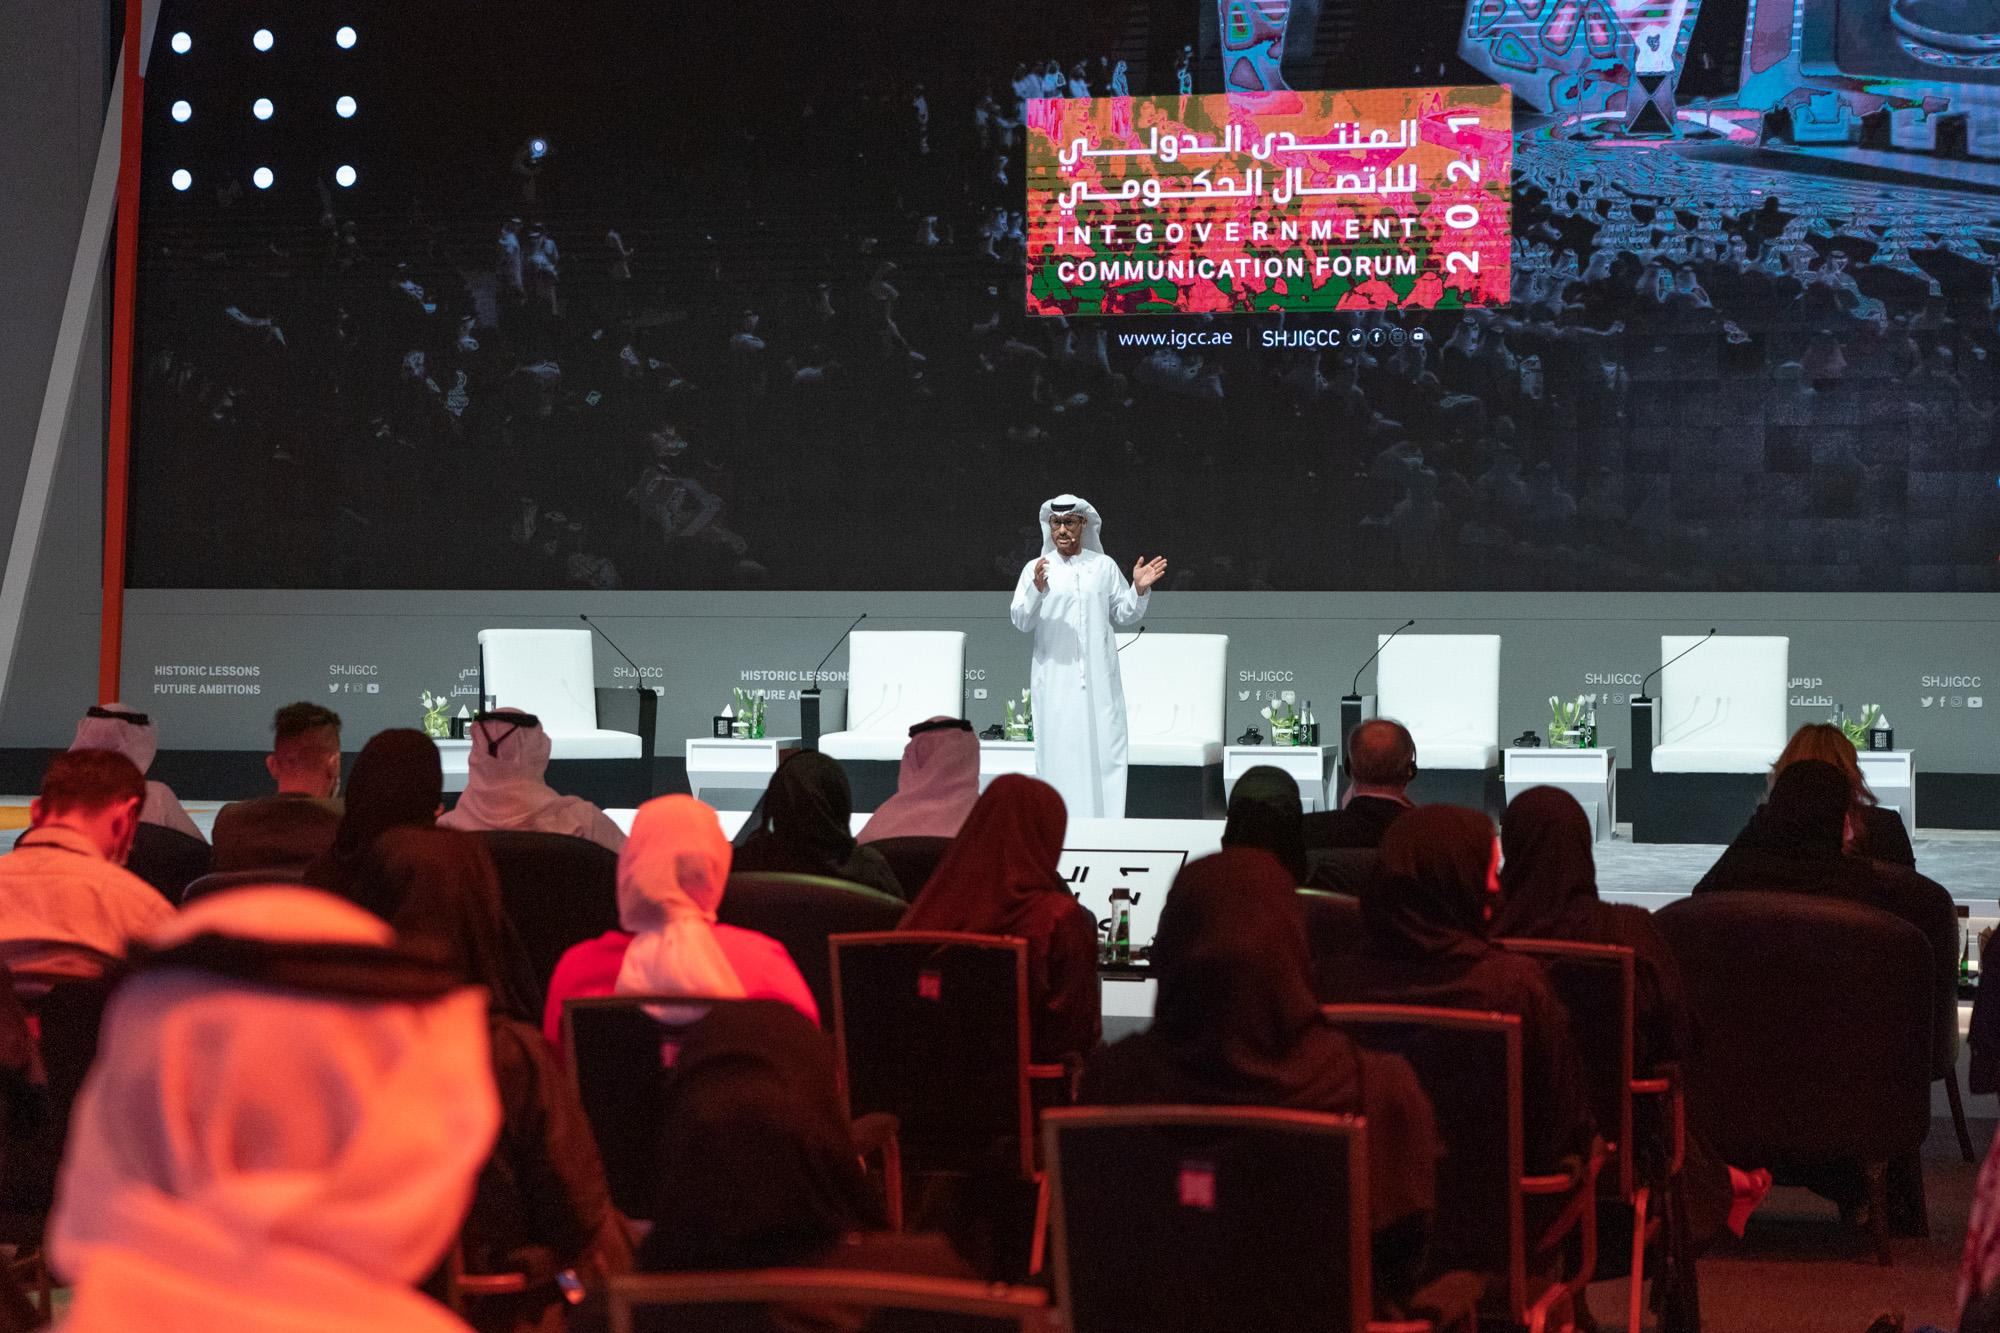 سلطان بن أحمد القاسمي يشهد فعاليات اليوم الثاني للمنتدى الدولي للاتصال الحكومي